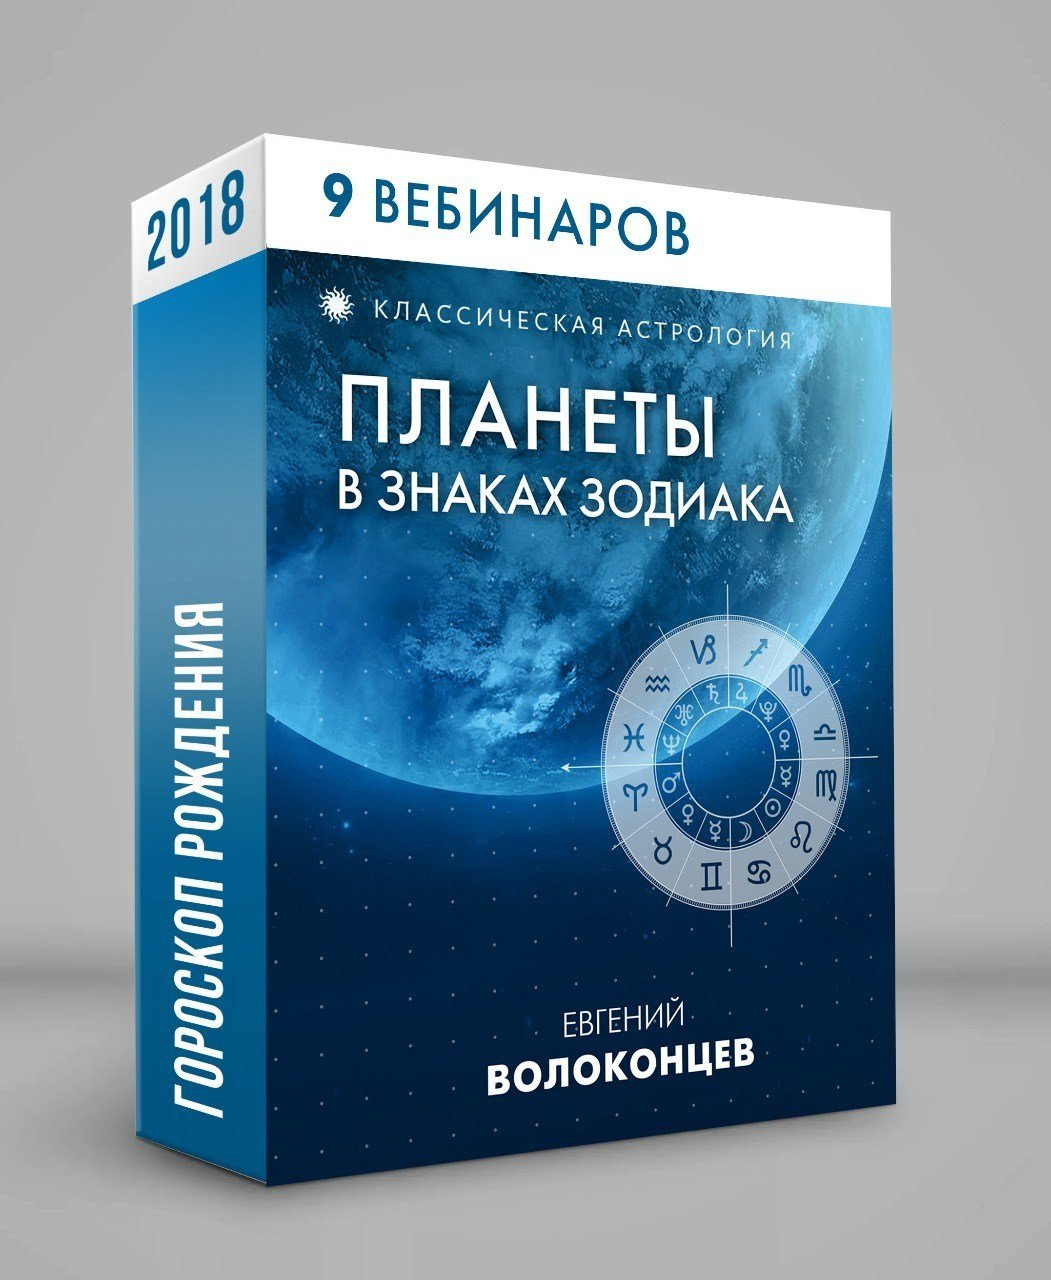 «ПЛАНЕТЫ В ЗНАКАХ ЗОДИАКА» полный цикл, 9 вебинаров по 3 часа, 2018 г. 00001